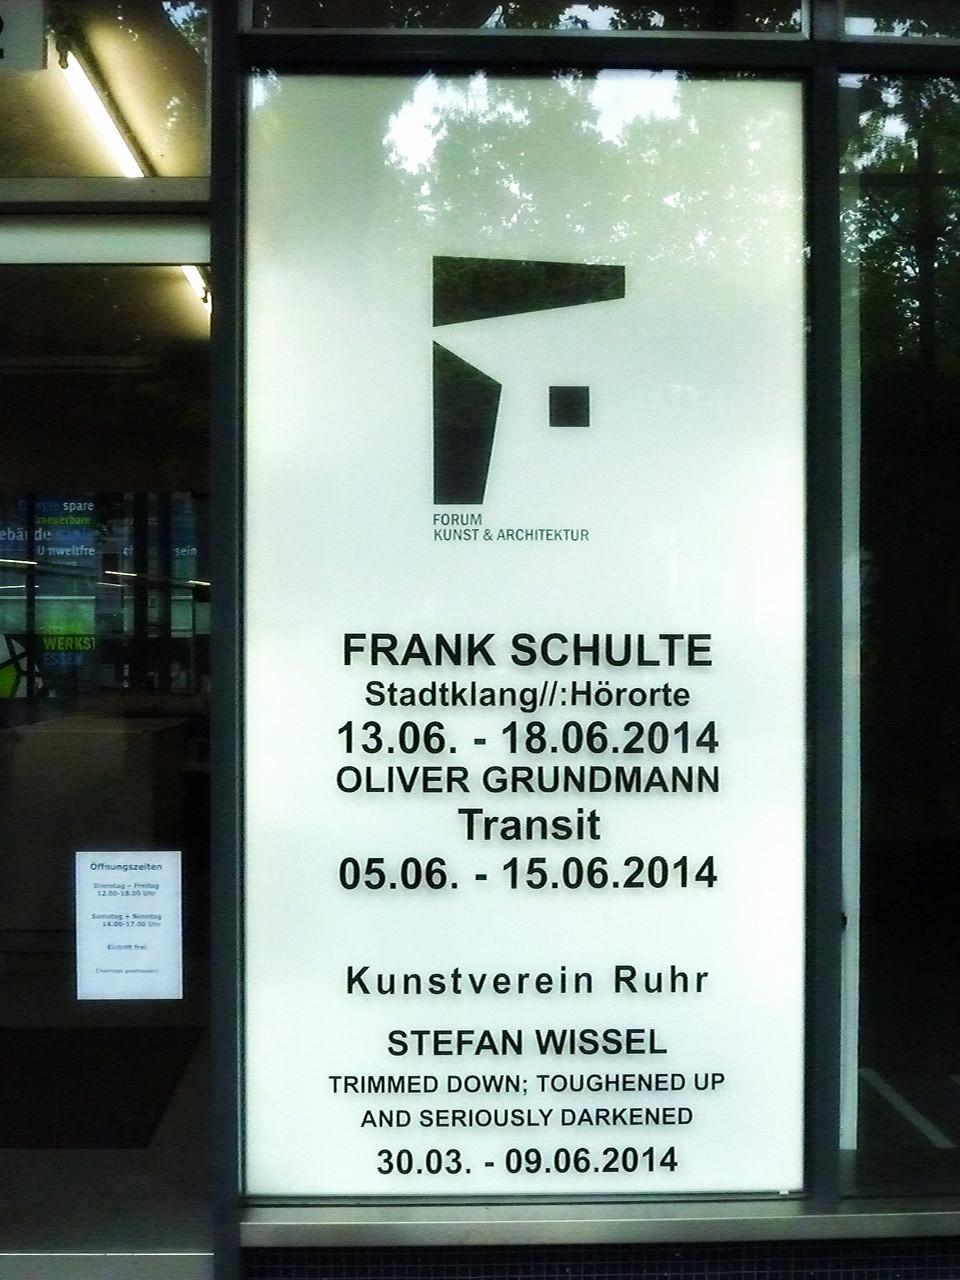 Stadtklang //: Hörorte - Eingang Forum für Kunst & Architektur